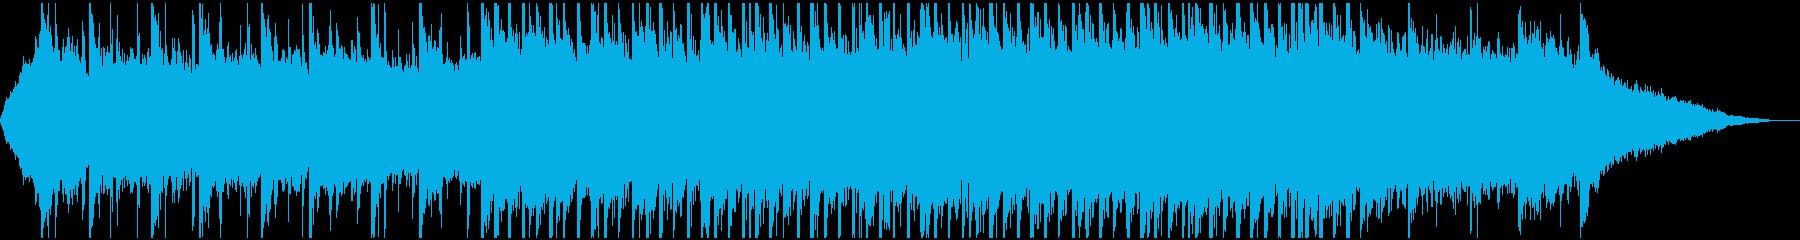 60秒B企業VP,コーポレート,元気の再生済みの波形